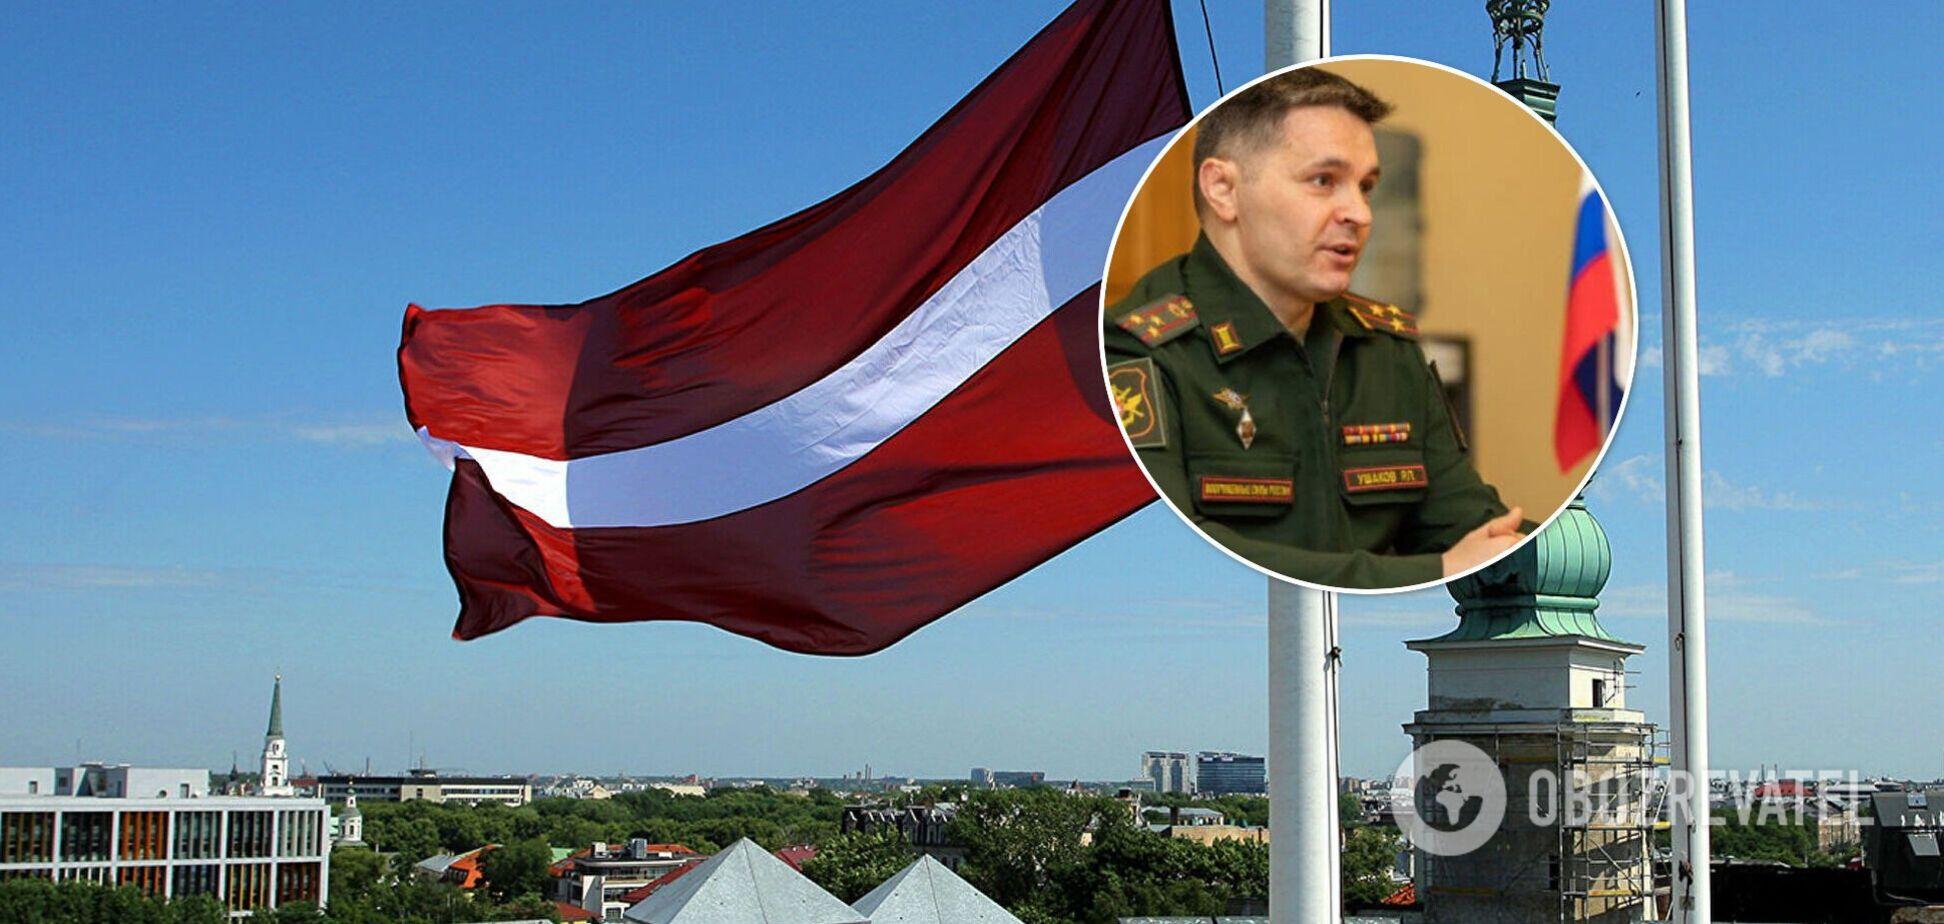 Скандал с Ушаковым в Латвии